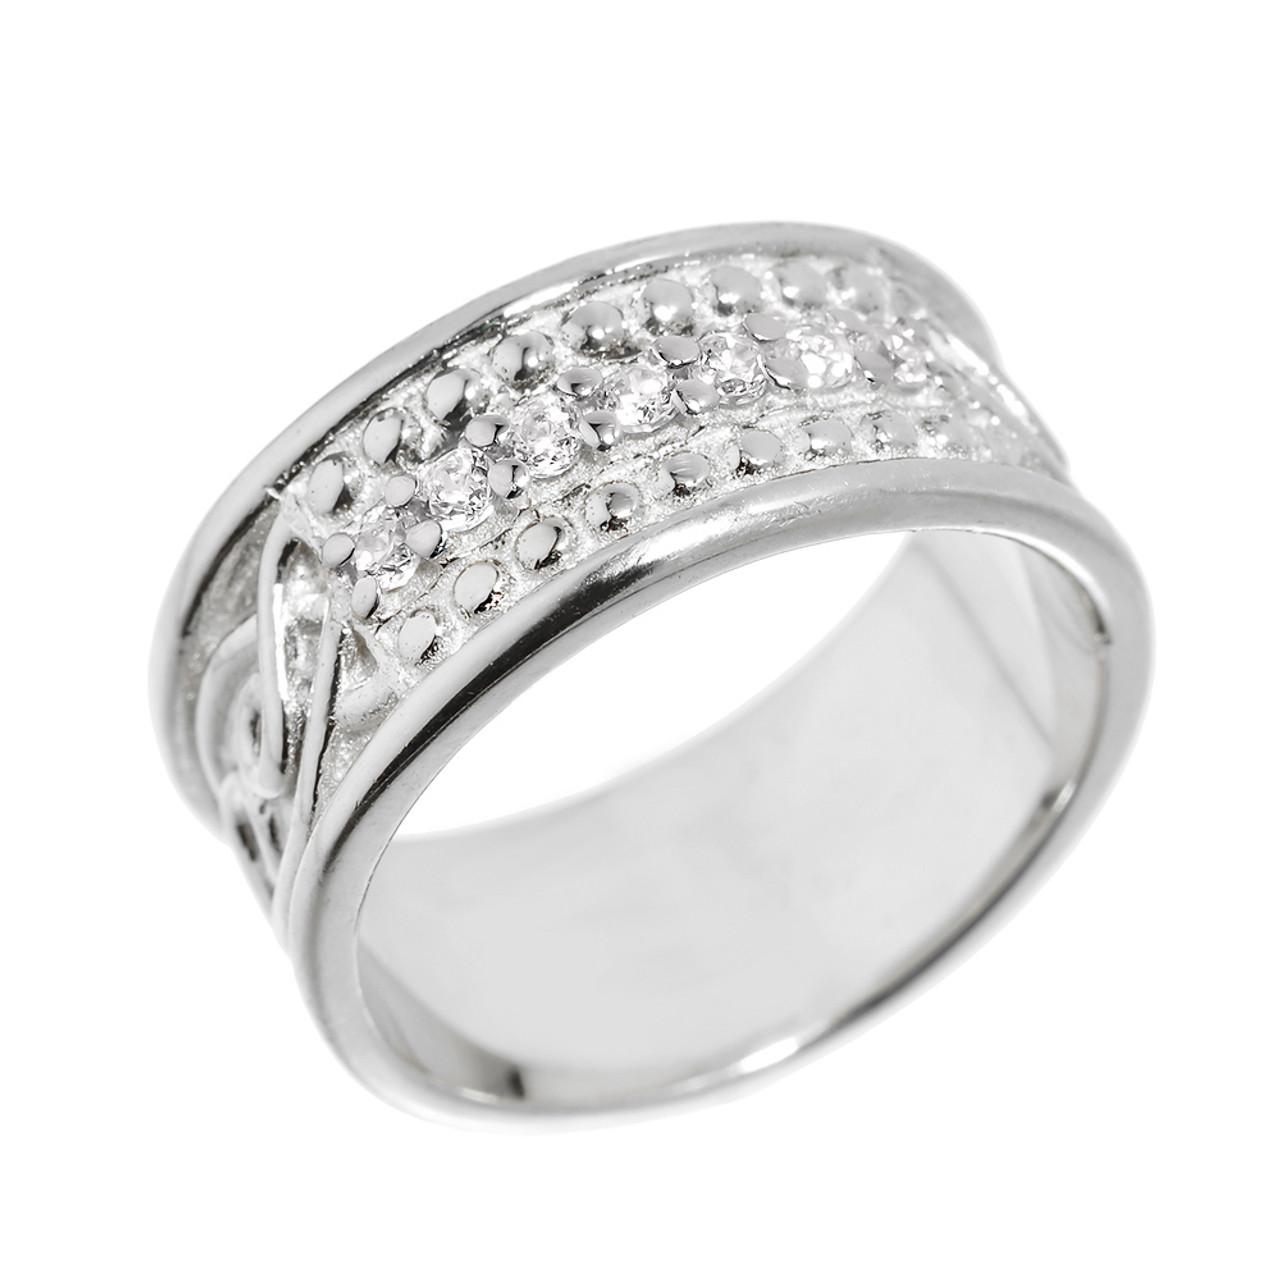 Elegant Sterling Silver CZ Celtic Knot Wedding Band